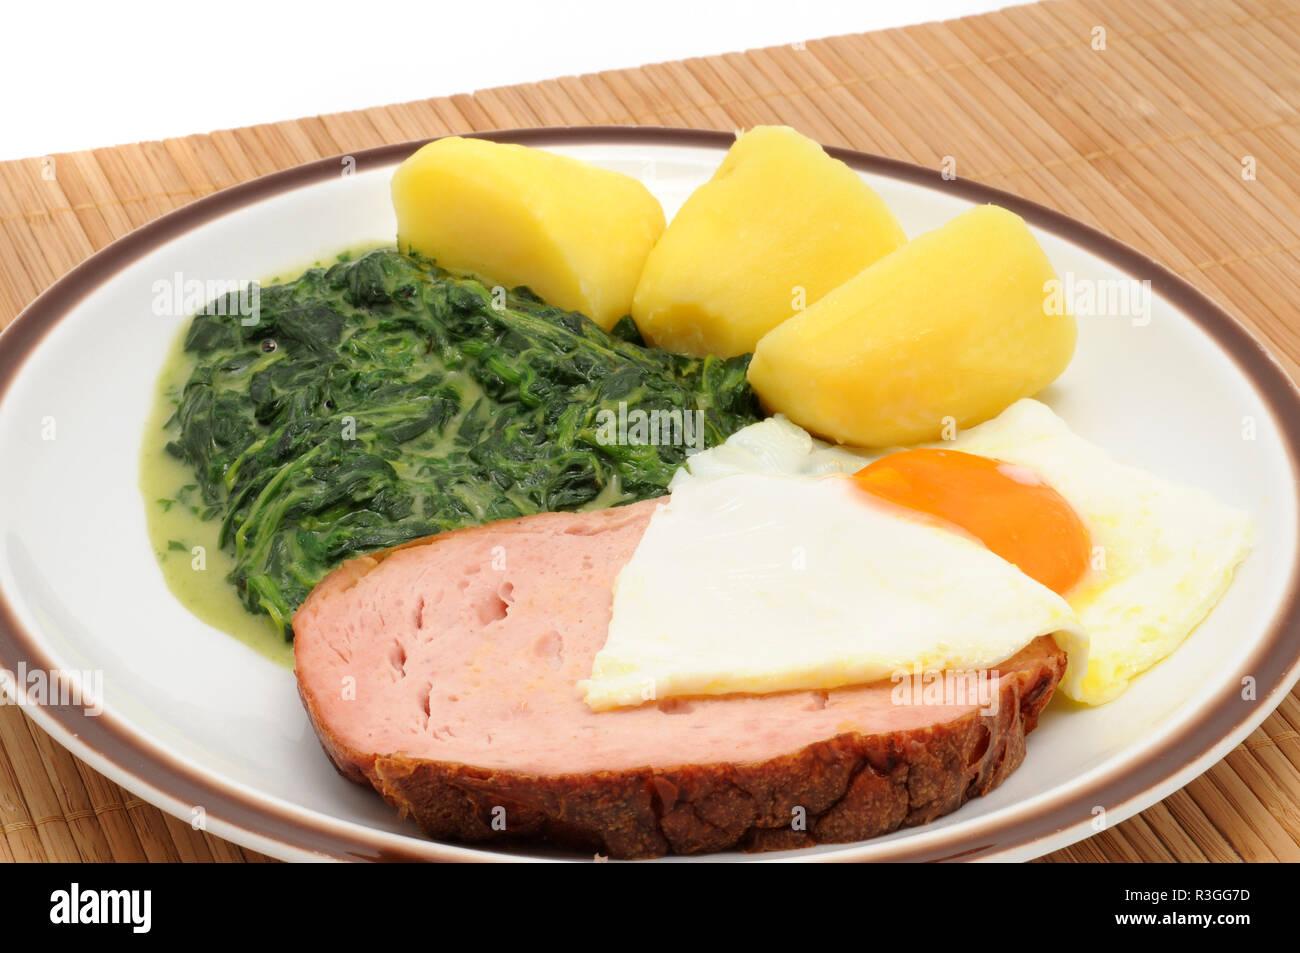 leberkaese with spinach / leberkaese with spinach Stock Photo